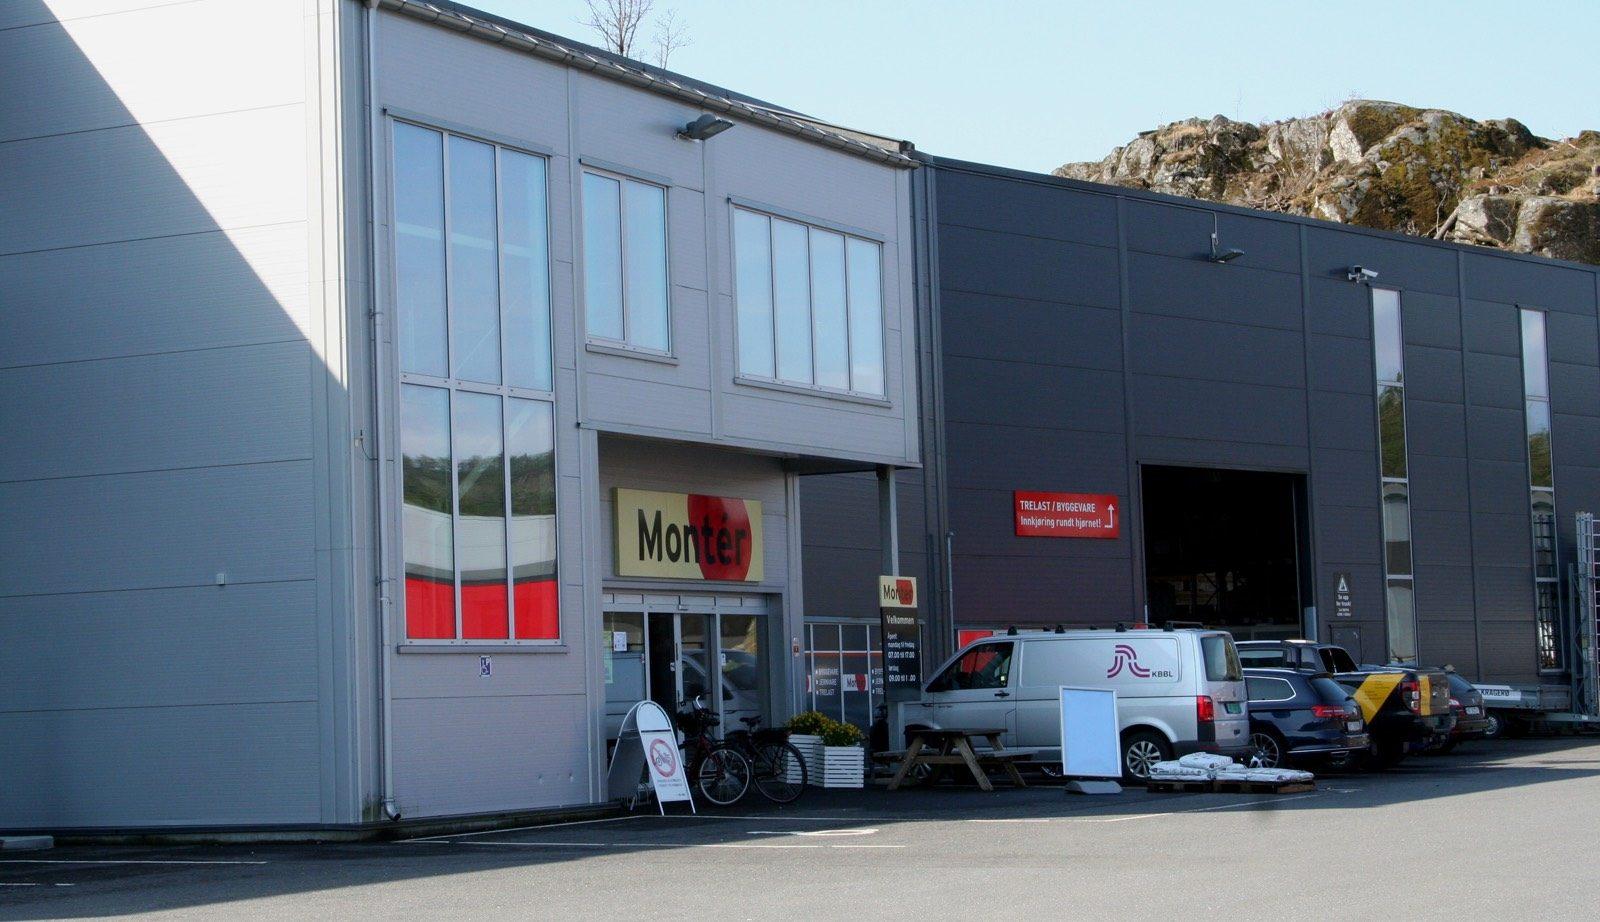 Forretningsbygg2-kammerfoss_02-1600x922